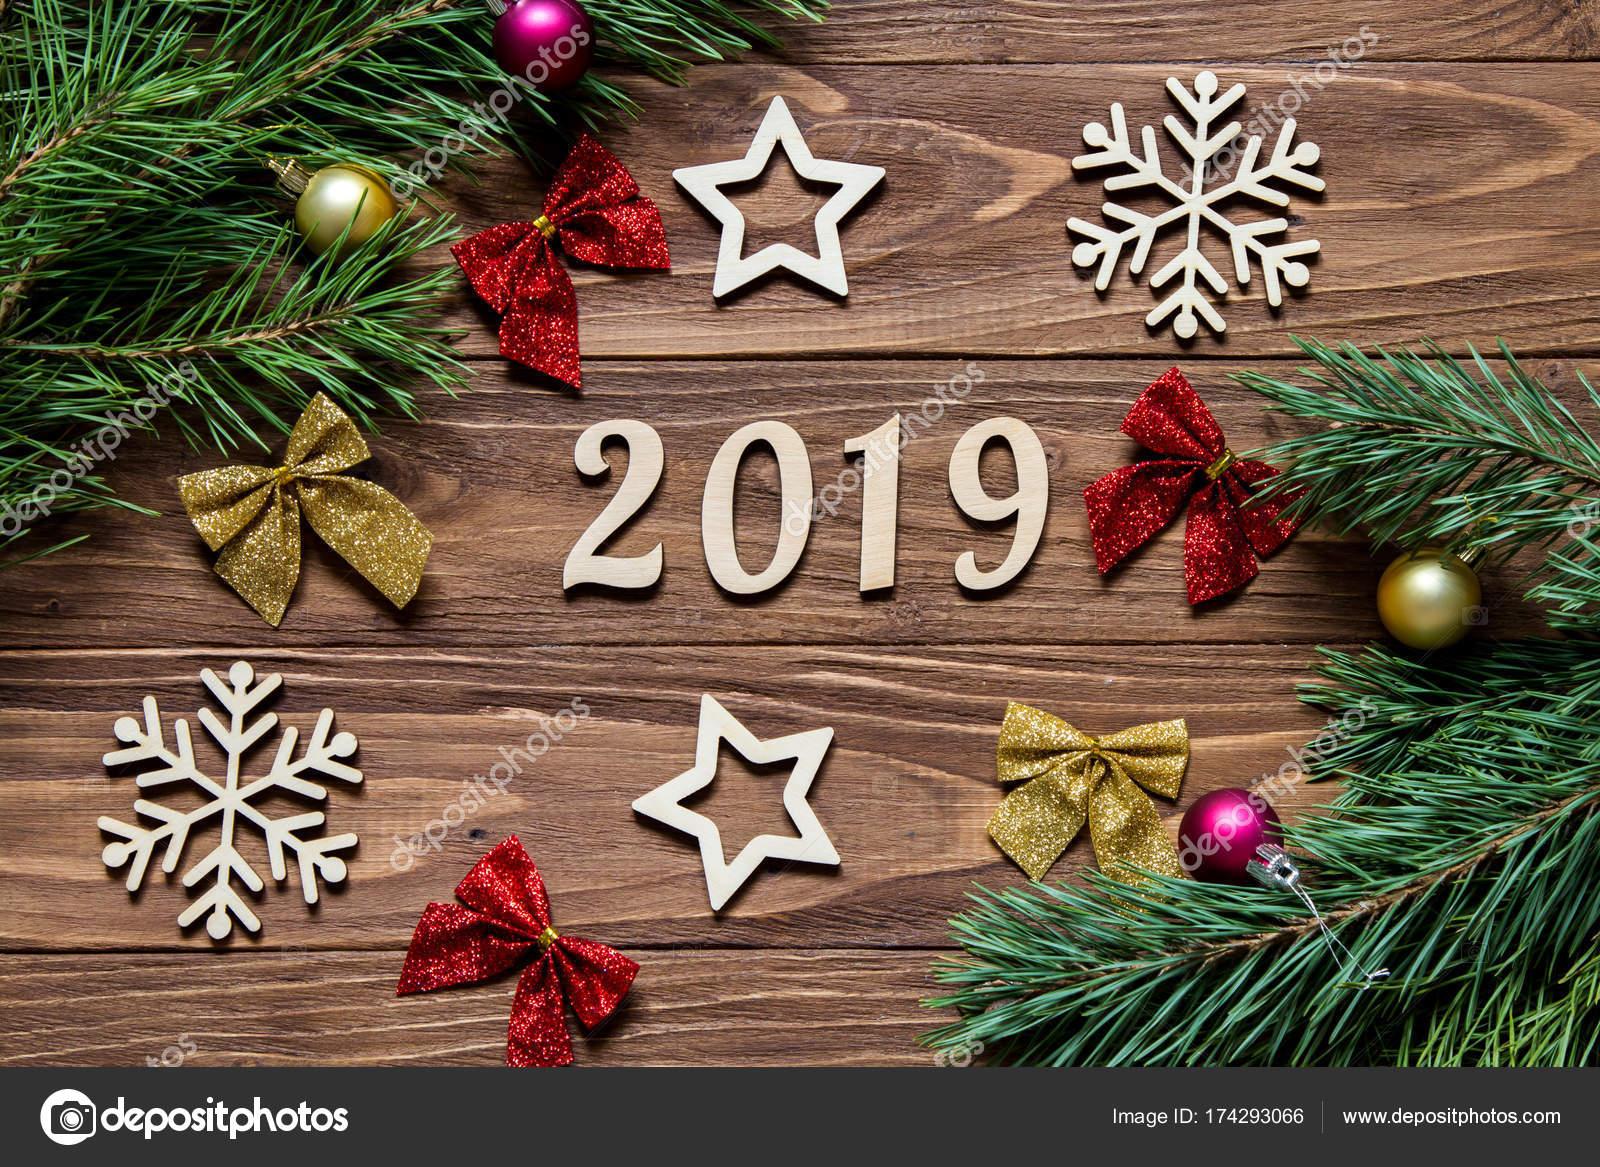 Рождество | Новый год - 2019 картинки